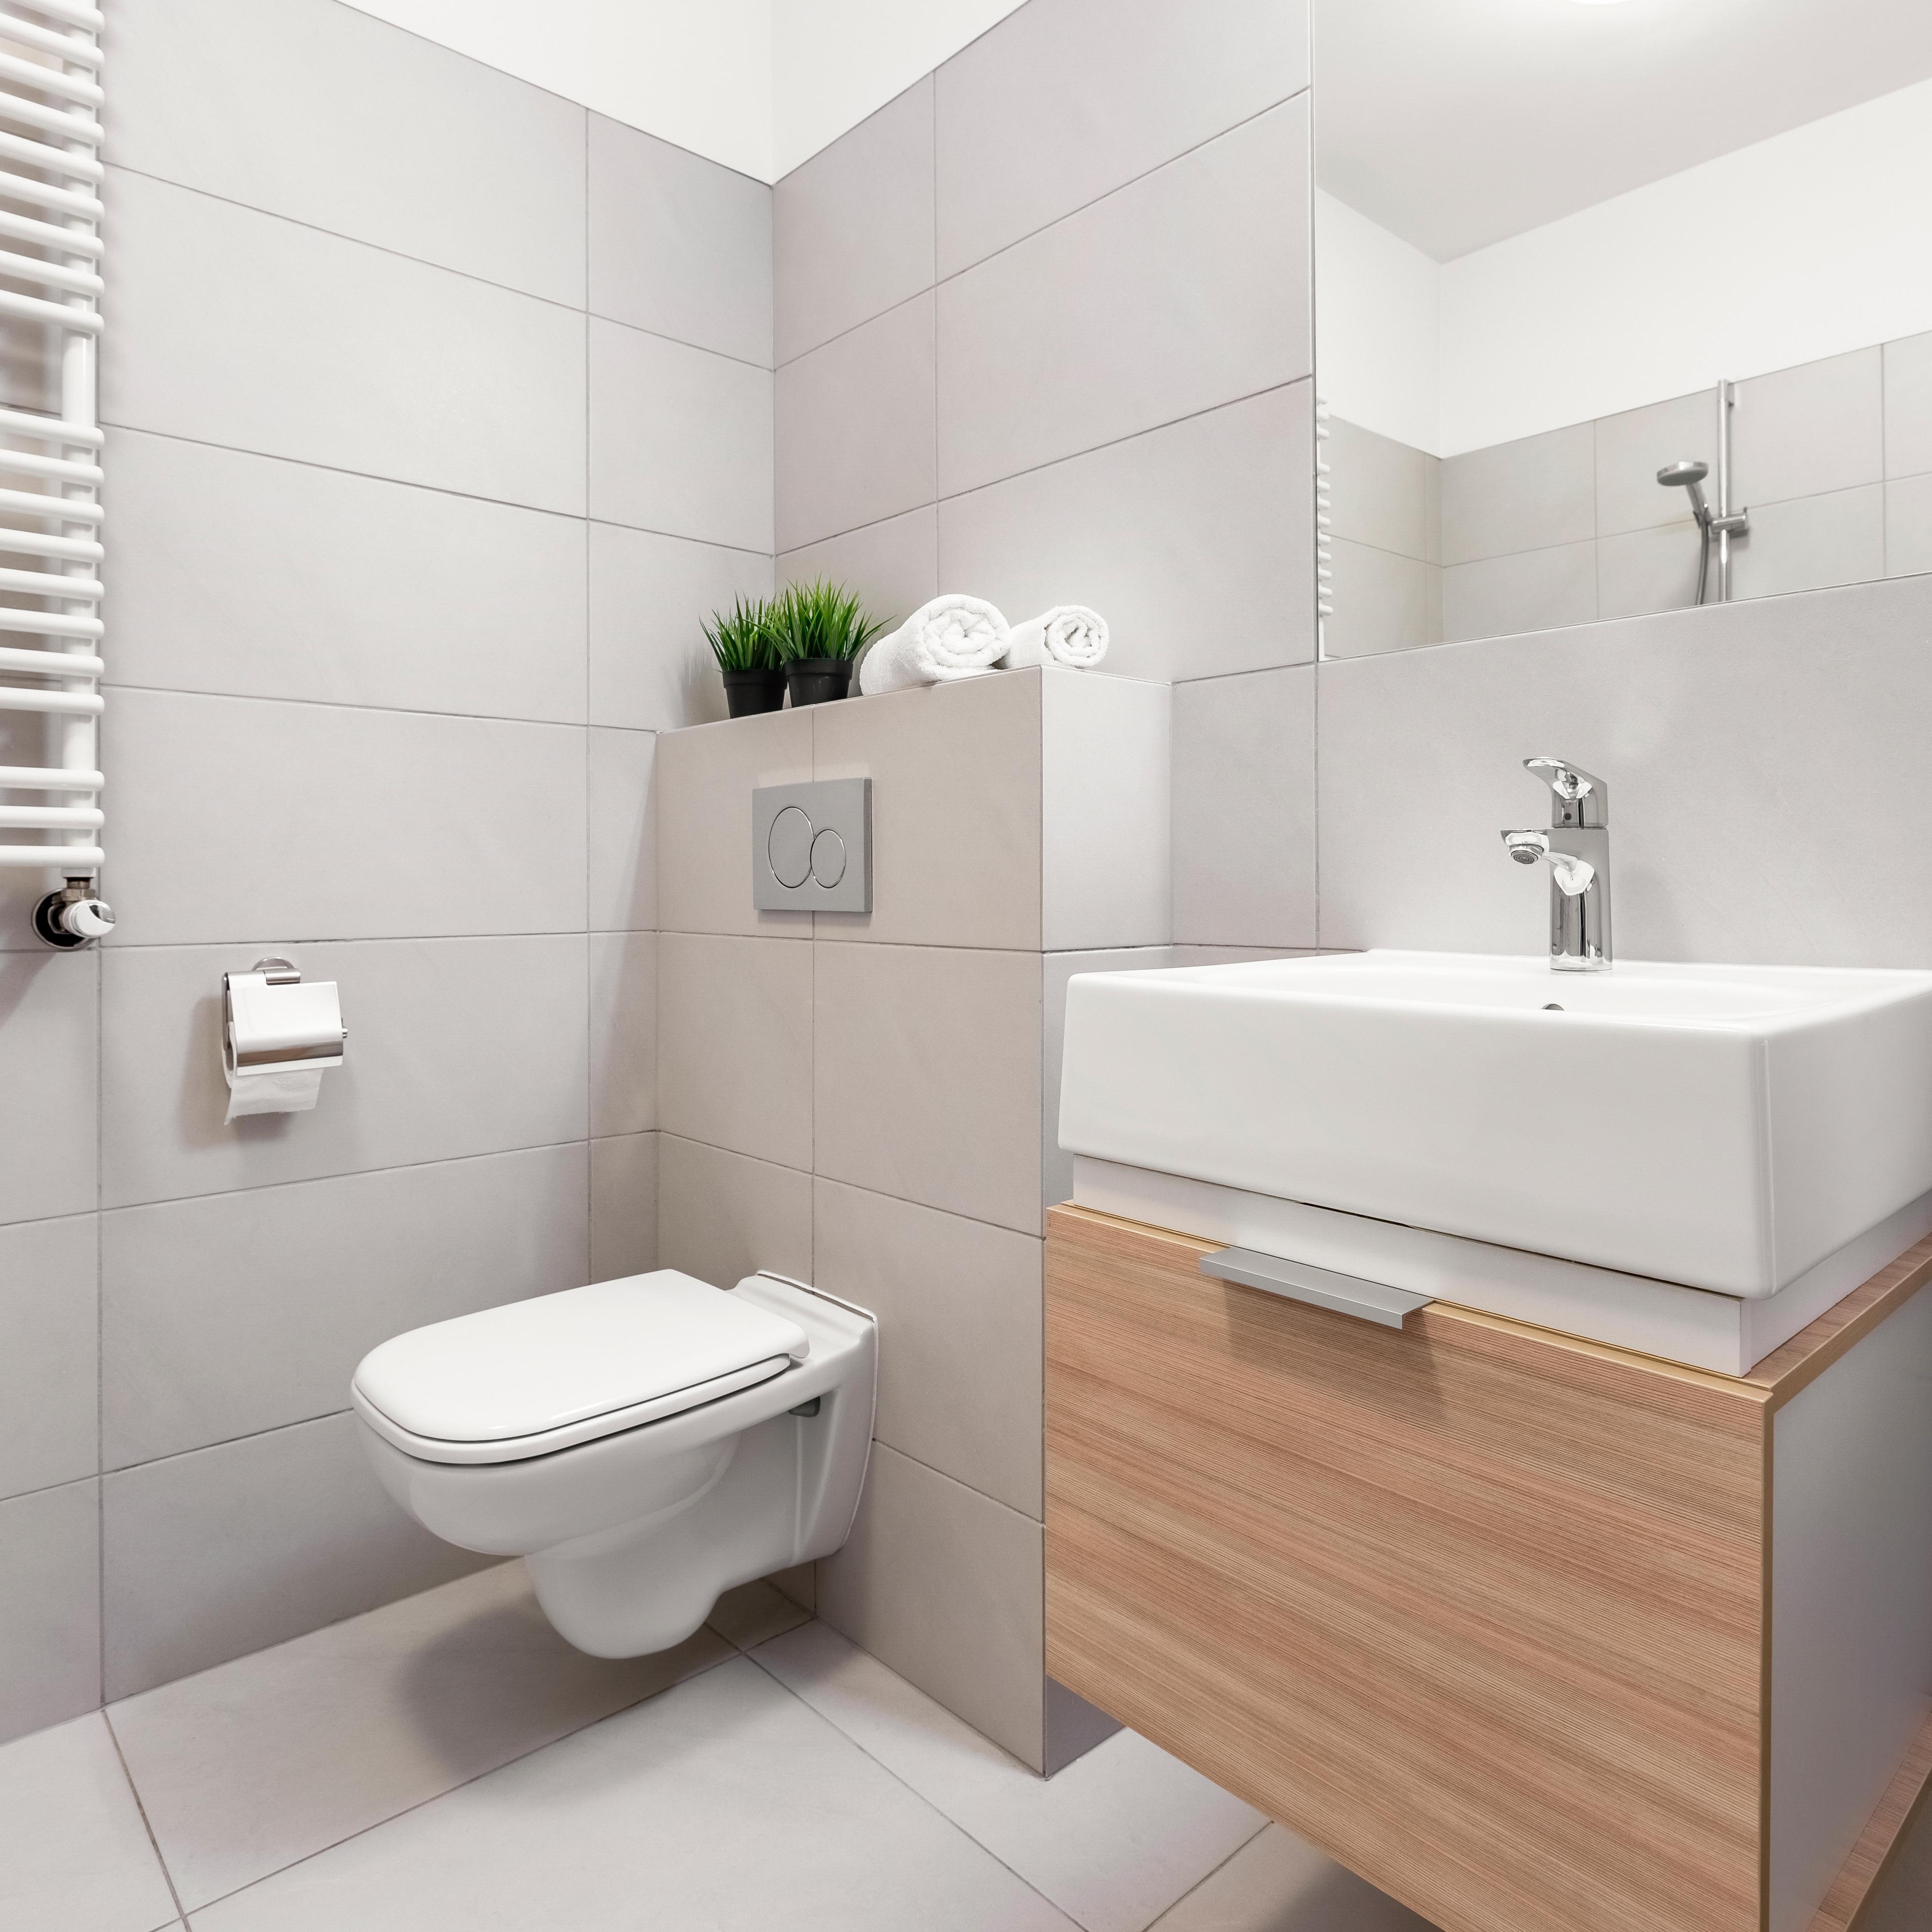 Diseñamos el mobiliario de tu baño